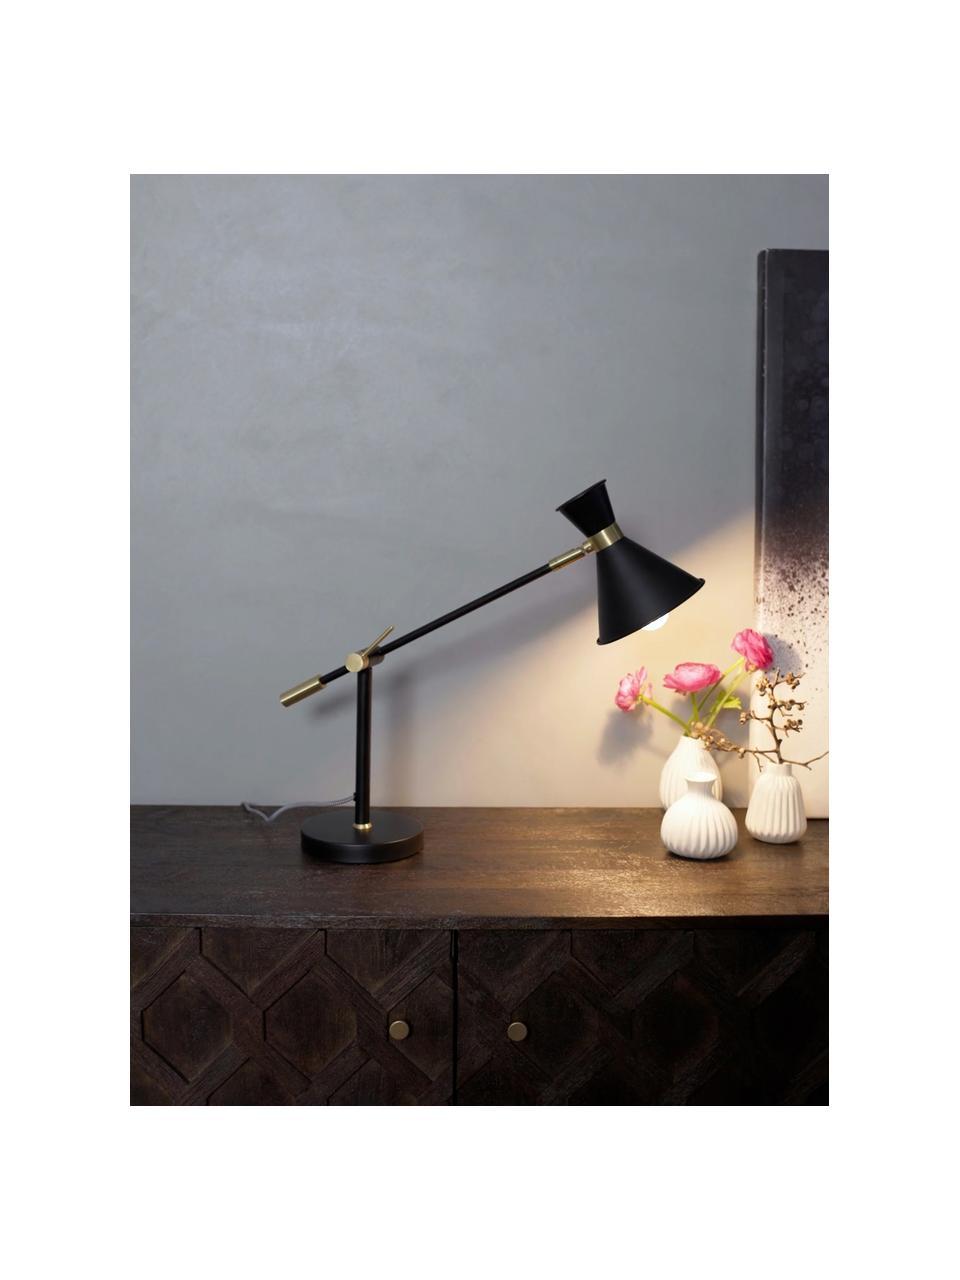 Große Schreibtischlampe Audrey mit Gold-Dekor, Lampenschirm: Metall, pulverbeschichtet, Dekor: Metall, vermessingt, Lampenfuß: Metall, pulverbeschichtet, Mattschwarz, Ø 15 x H 68 cm